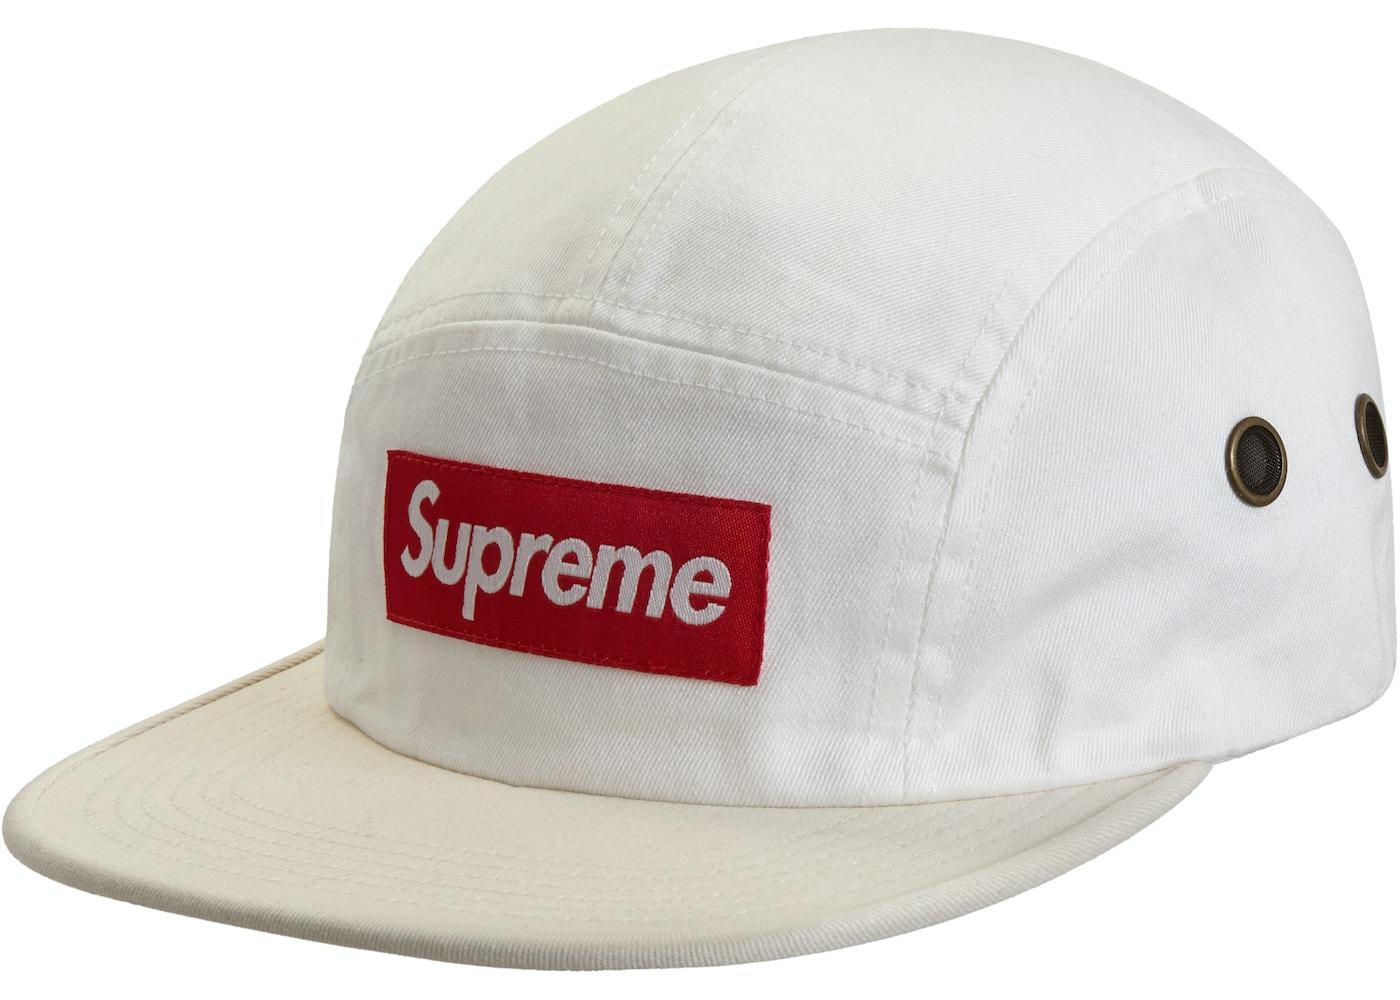 3e3052aa634 Supreme Headwear - Buy   Sell Streetwear